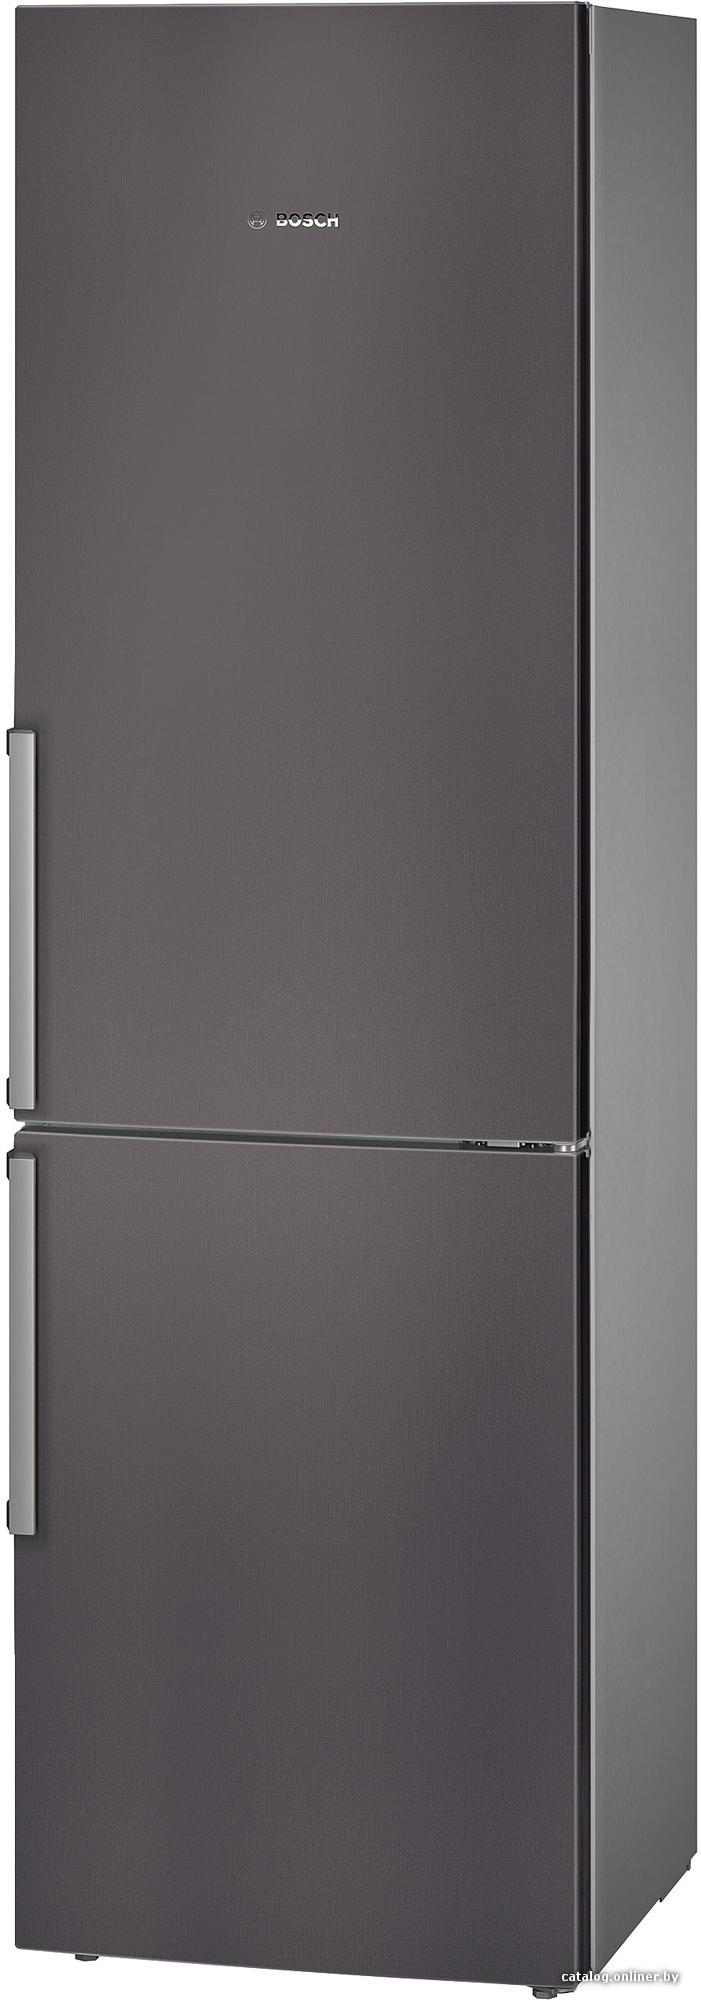 схема включения термостата морозильной камеры бош